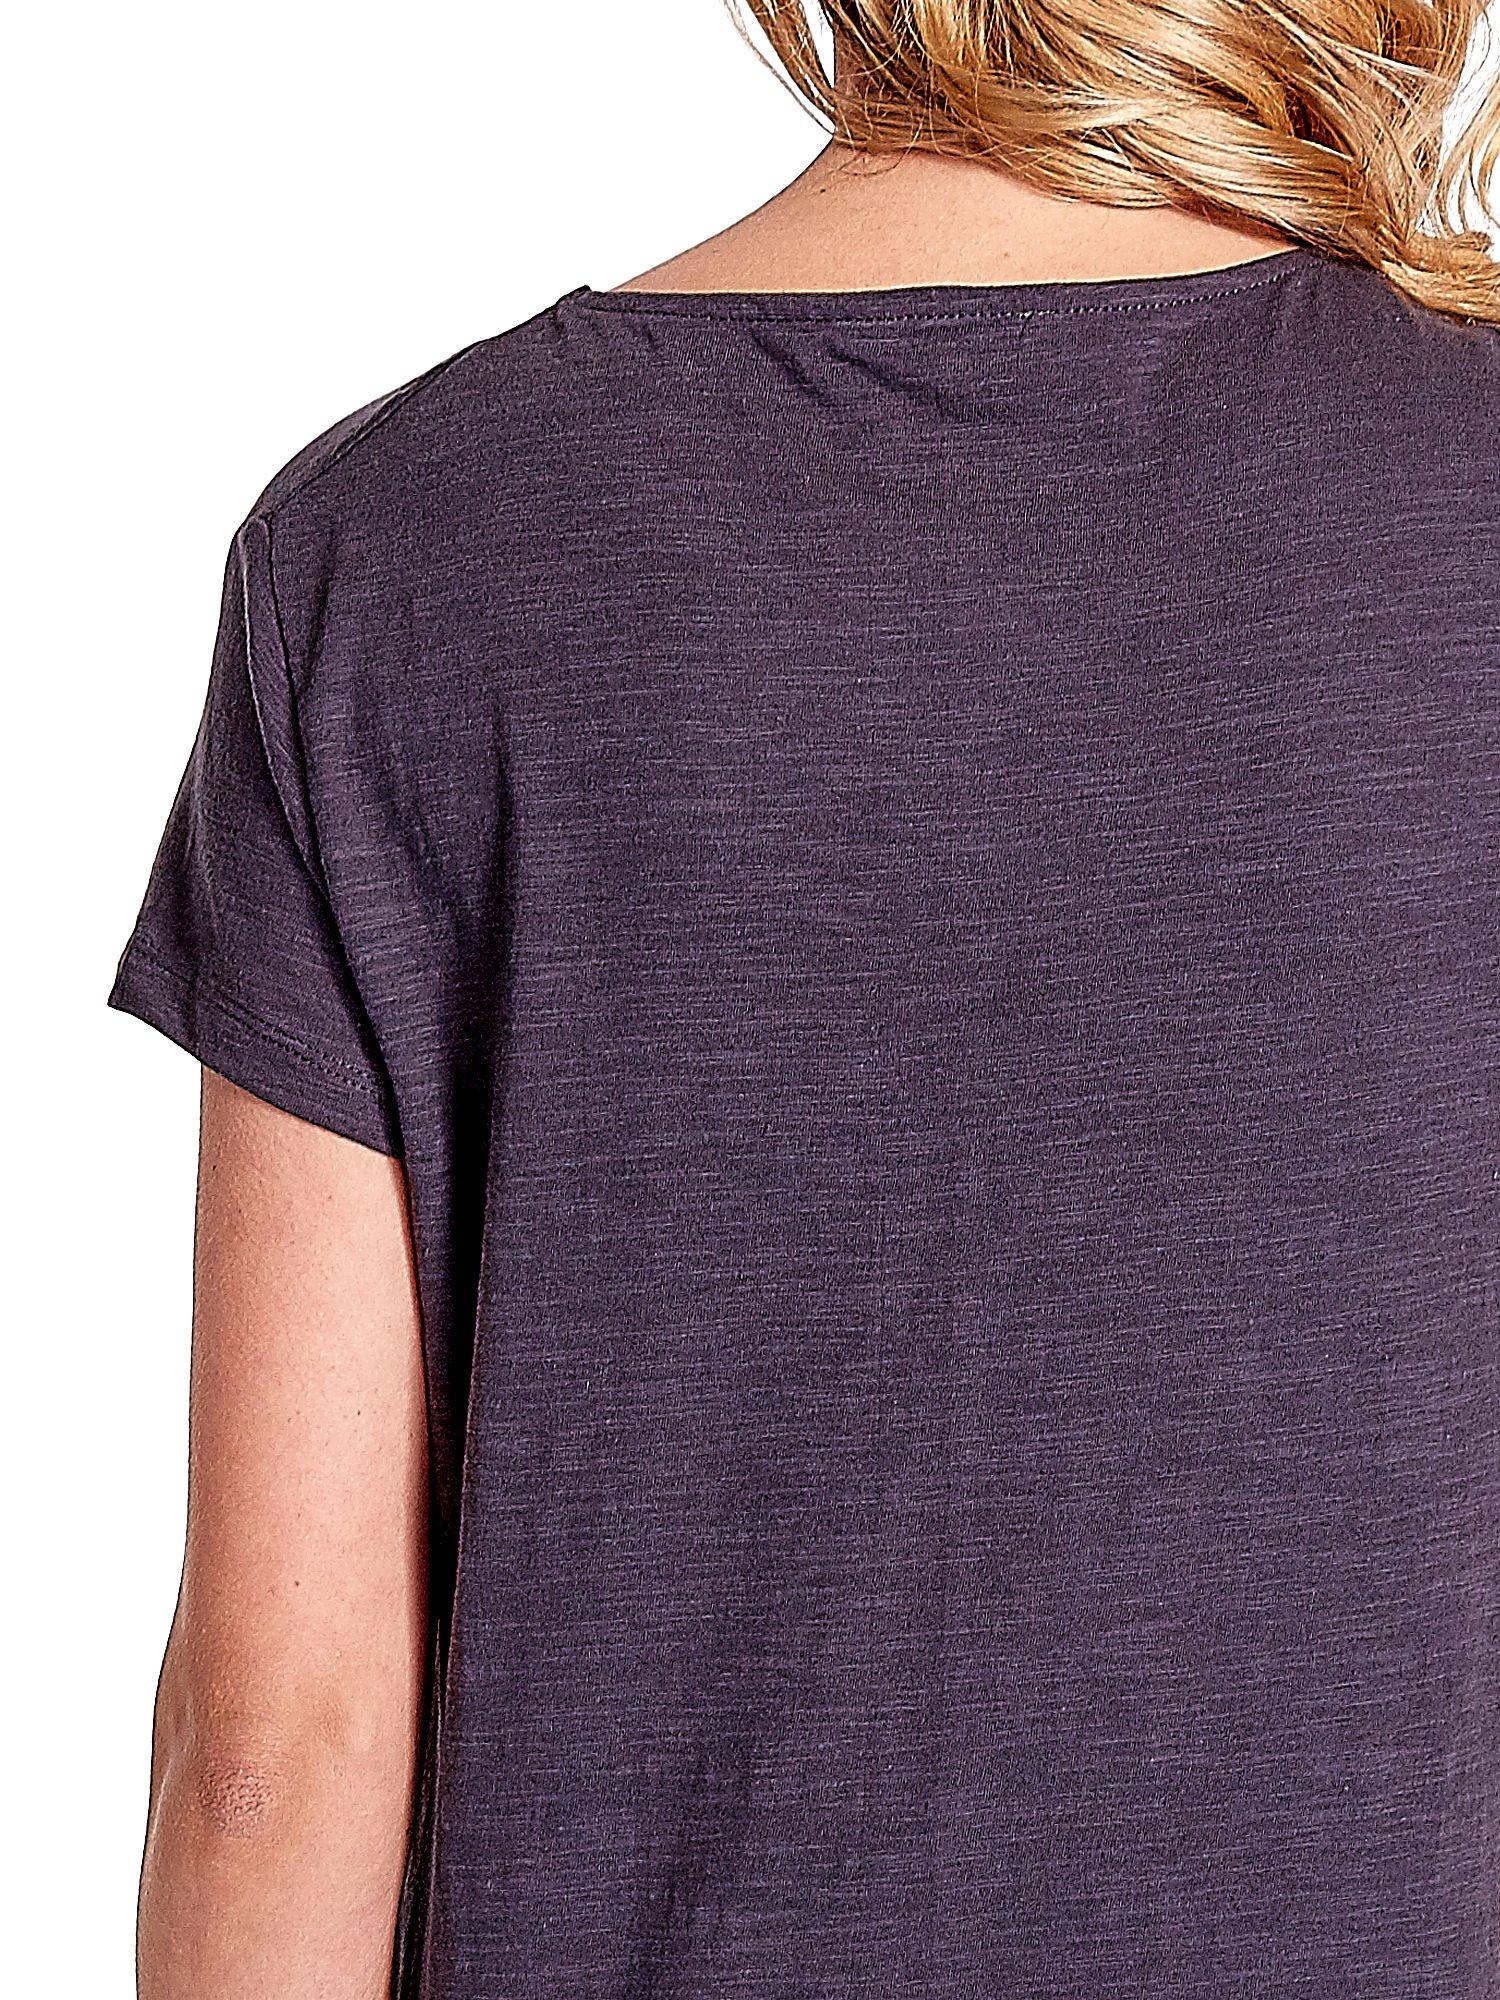 Grafitowy jednolity t-shirt                                  zdj.                                  5